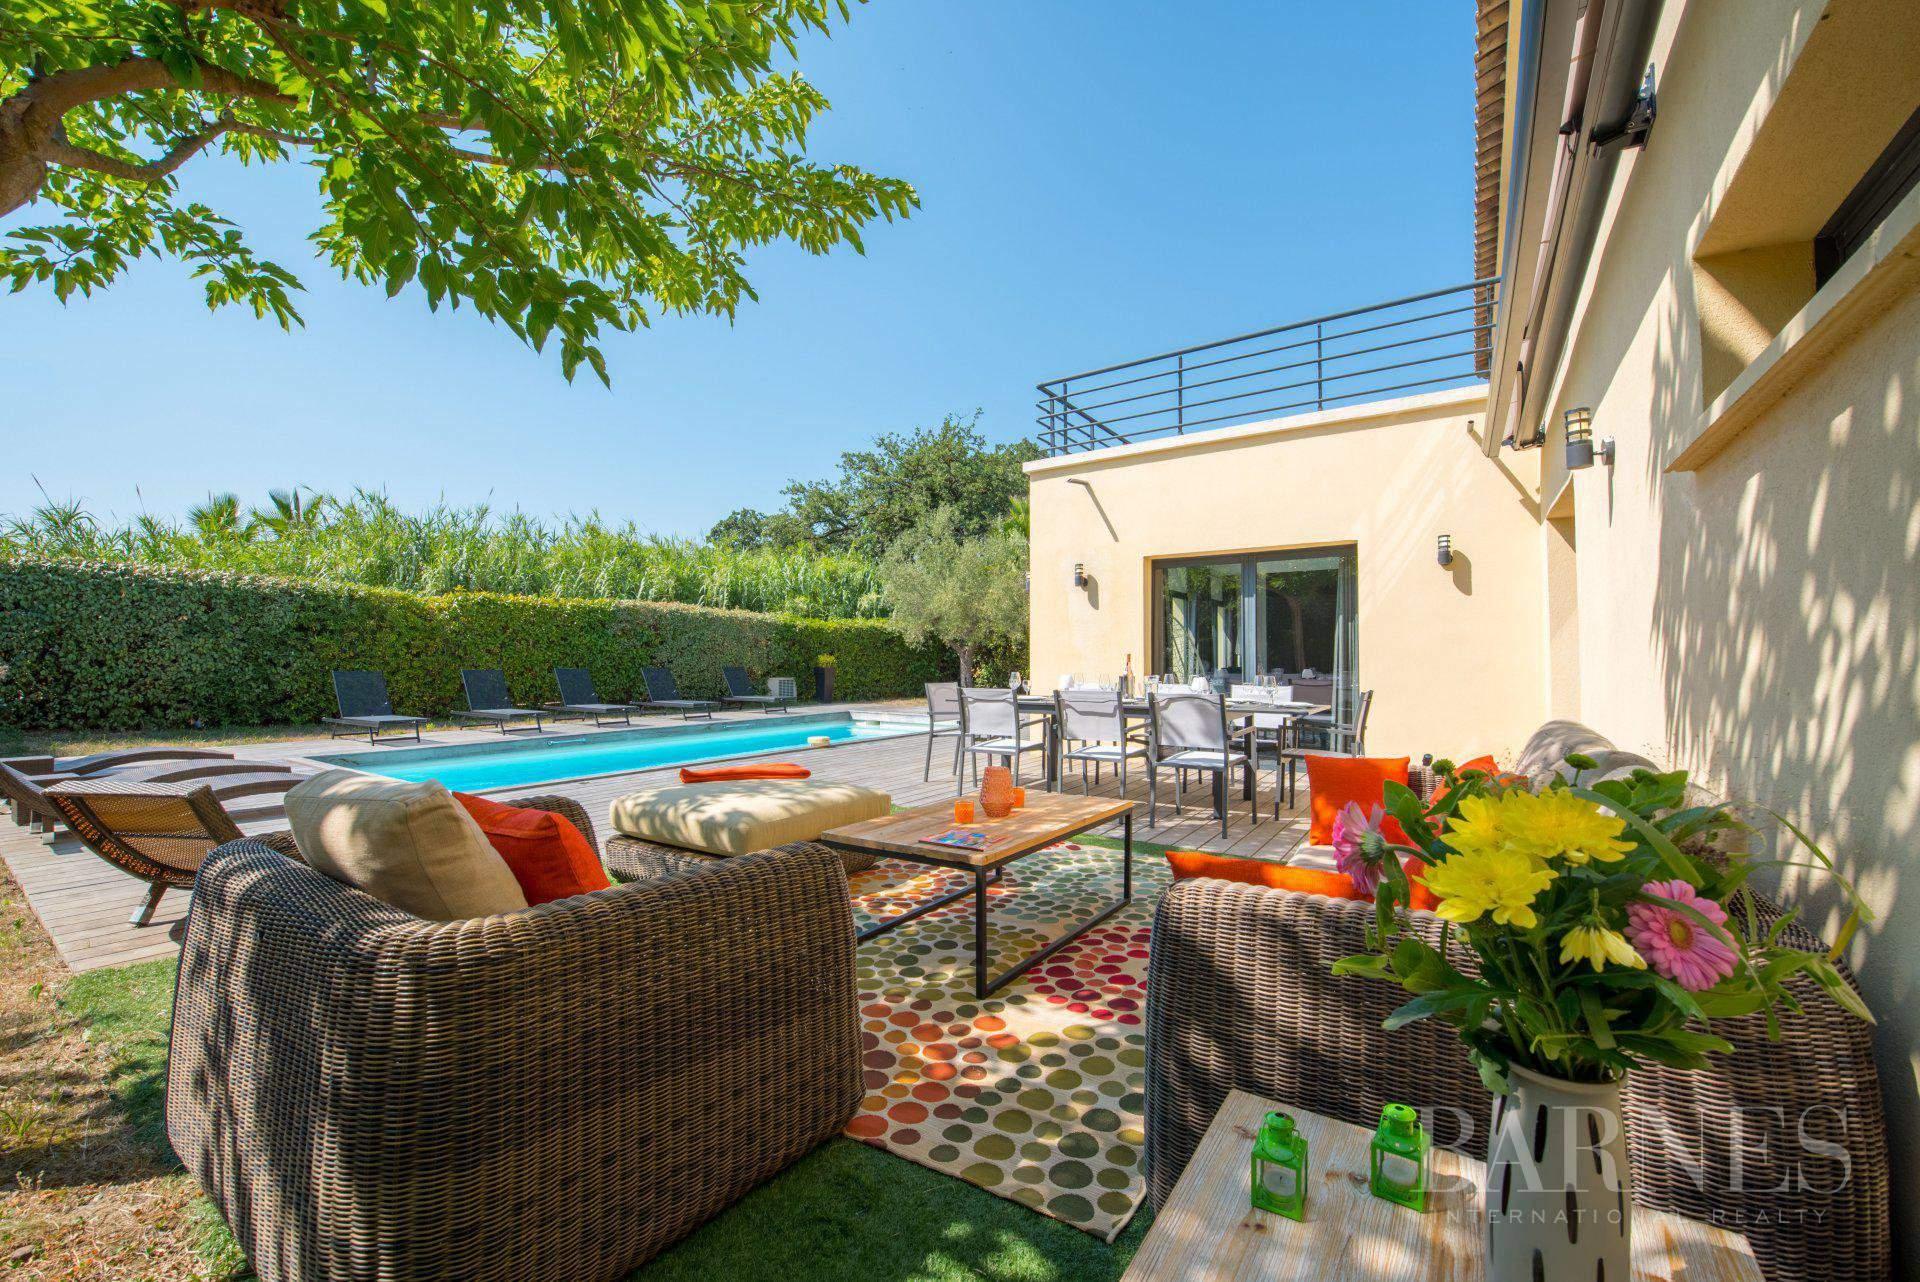 SAINT-TROPEZ - 4 chambres - Villa proche du village et des plages picture 2